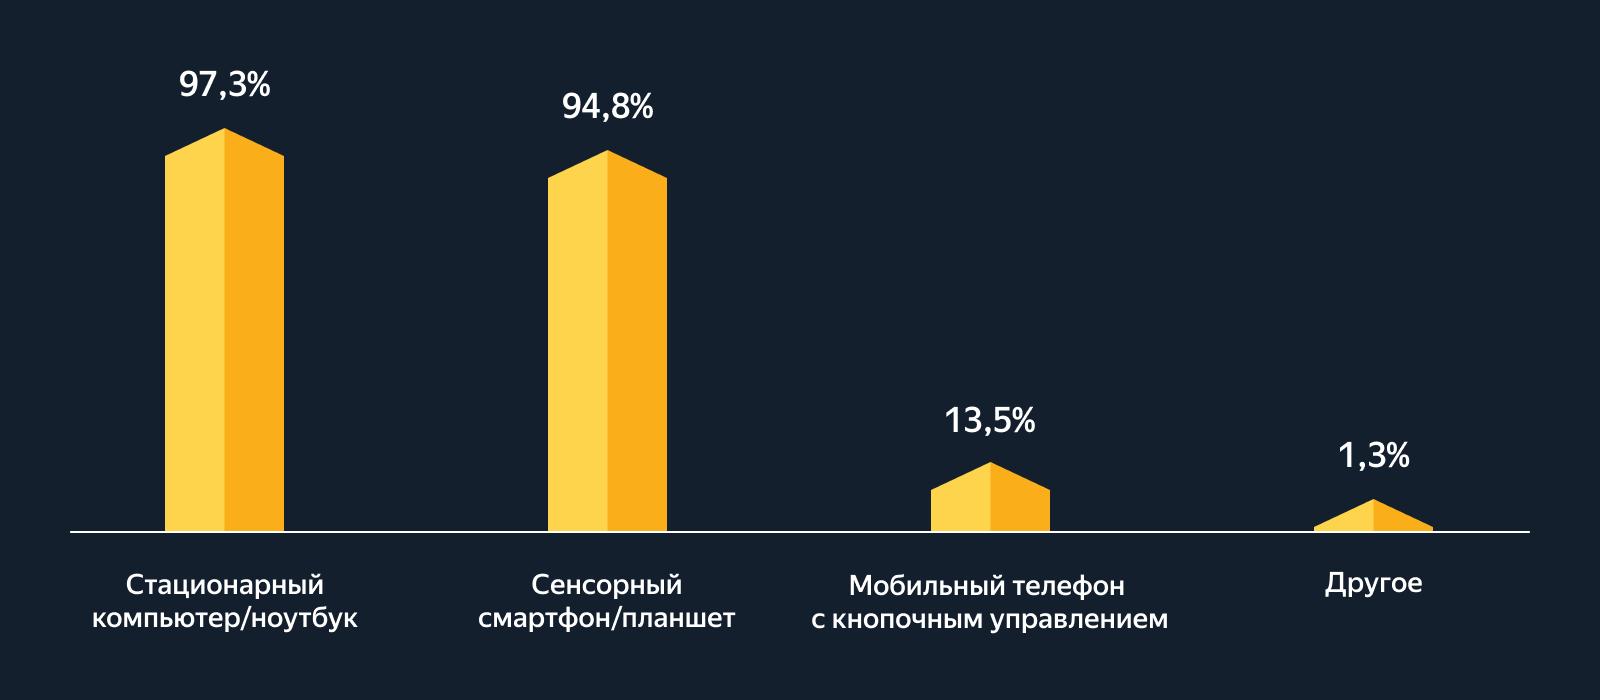 Столбчатая диаграмма по данным таблицы 1